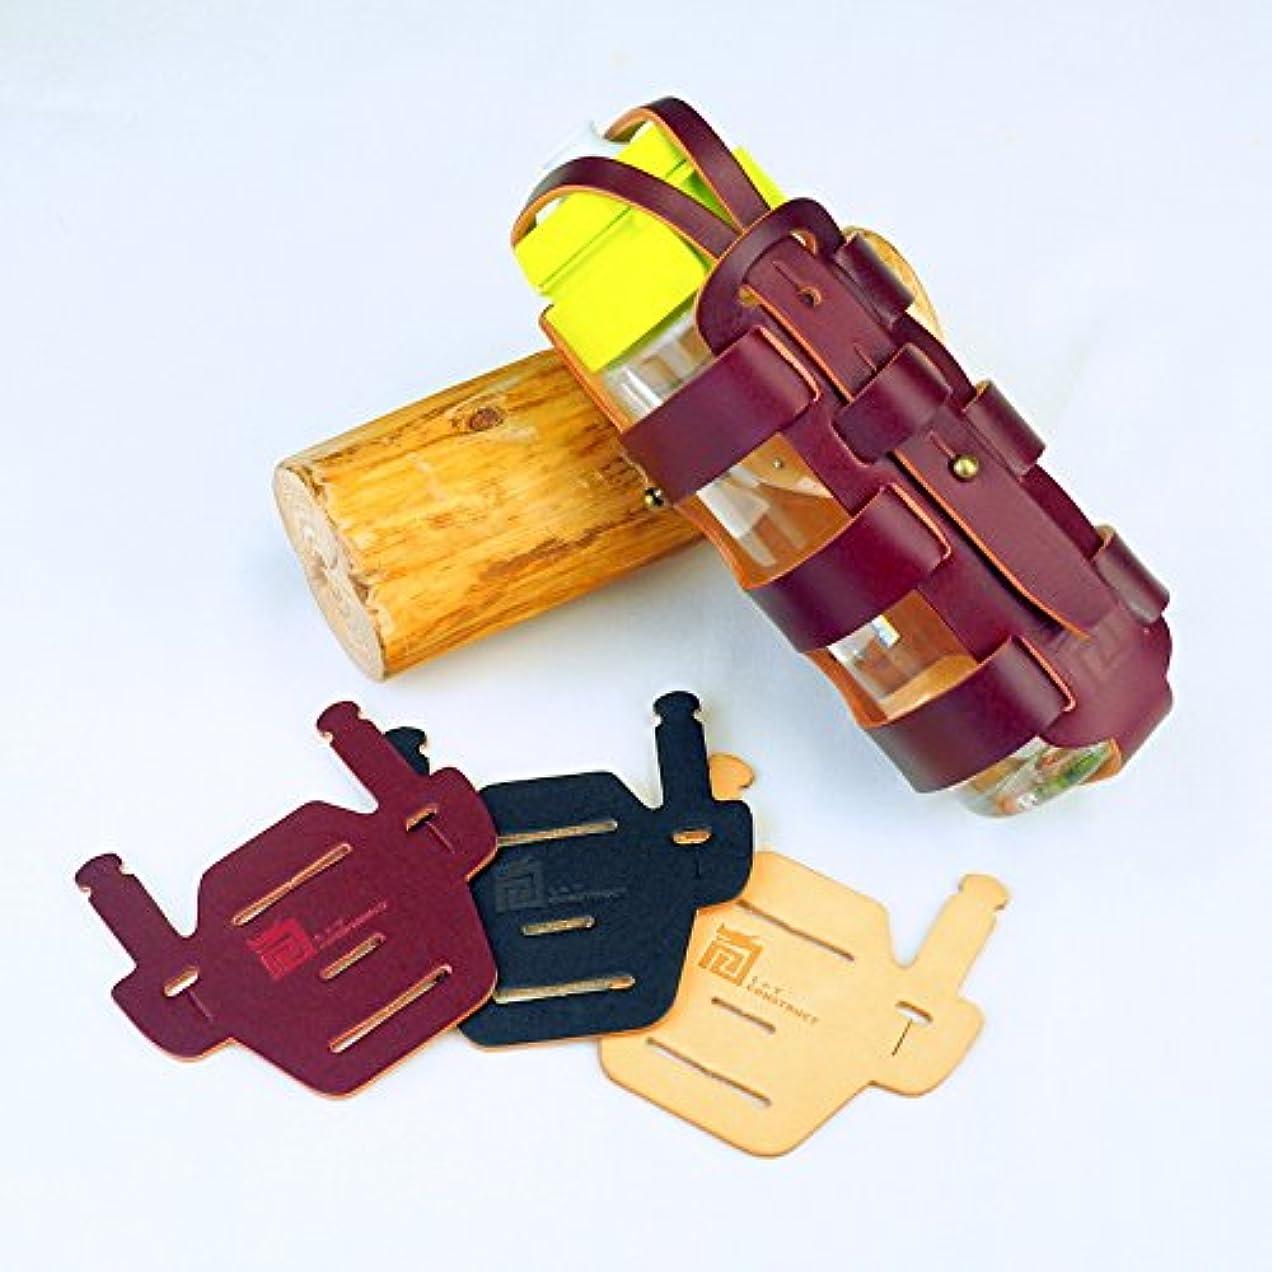 泥だらけリゾートラグBottle Cage for Brompton - ローマ連続ボトルホルダー&椅子マウントパッド束-手作りWINE RED色かごとBLACK色パッドを持つイタリア本物の革のため手製である